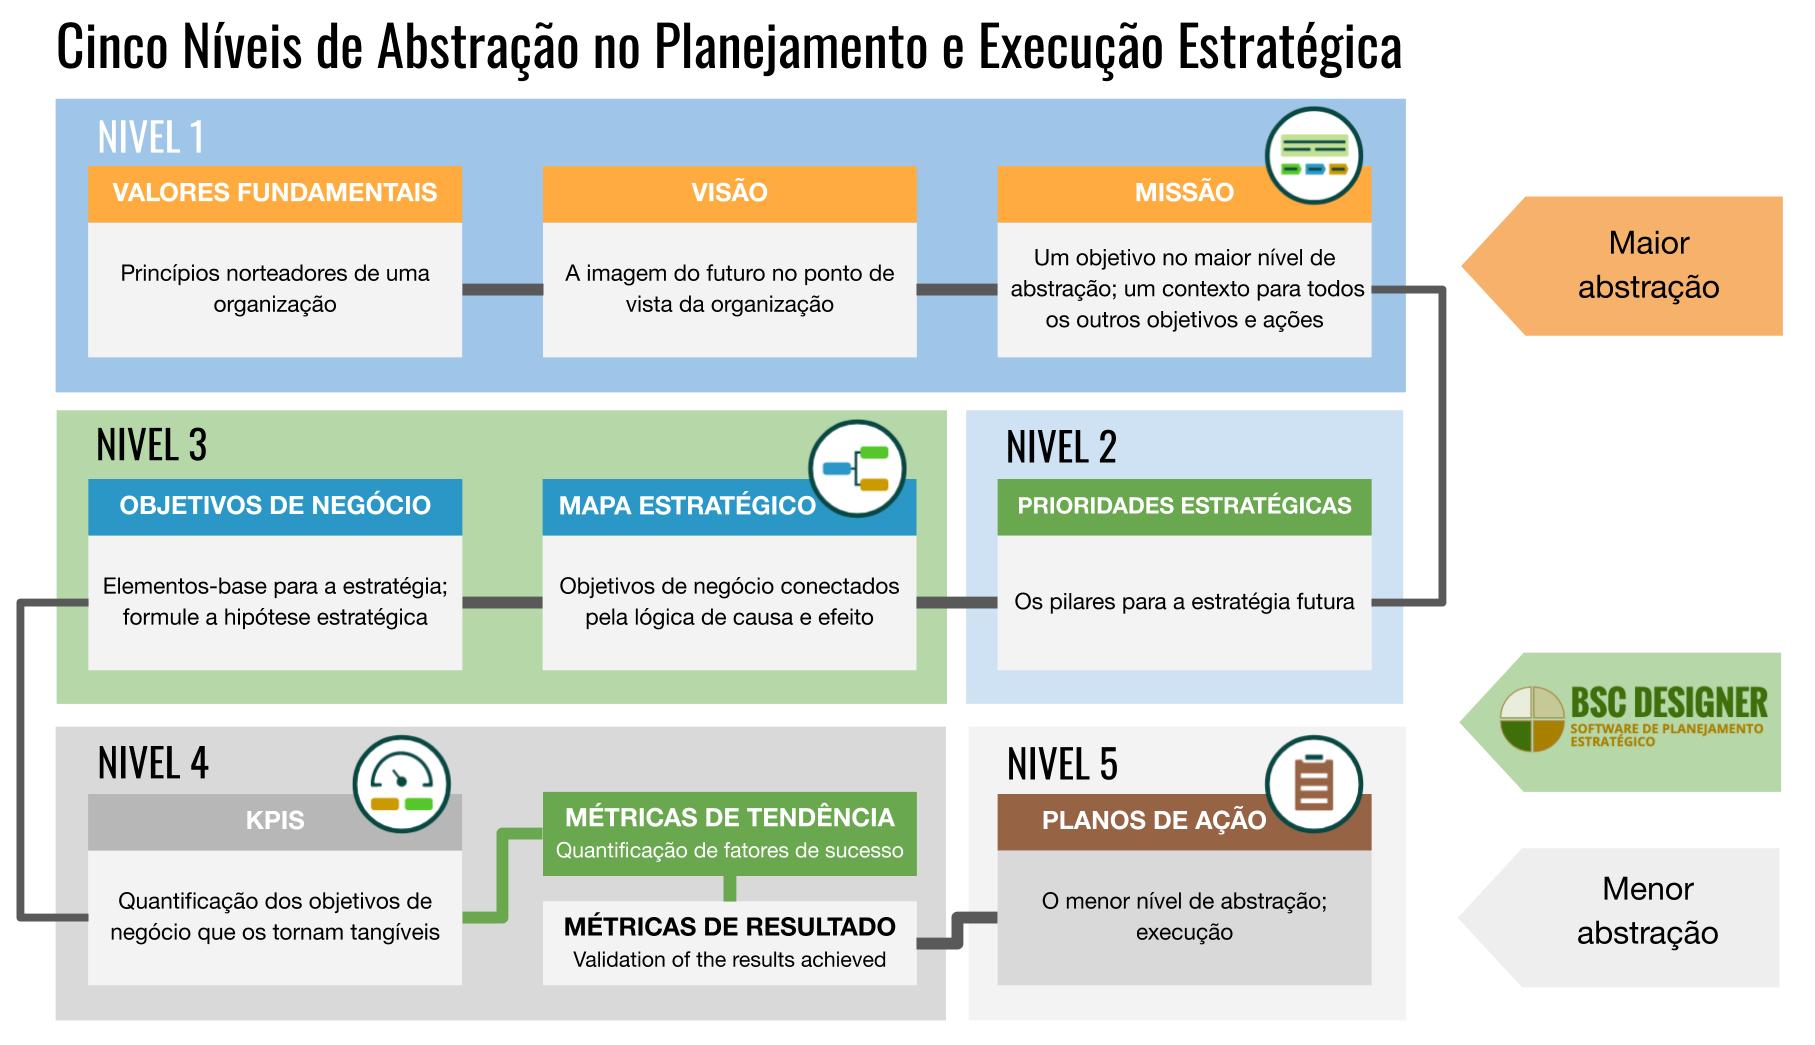 Cinco Níveis de Abstração no Planejamento e Execução Estratégica. Desde a Visão, Missão e Valores Fundamentais Às Prioridades Estratégicas (Temas), Mapas Estratégicos, Objetivos de Negócio e KPIs.